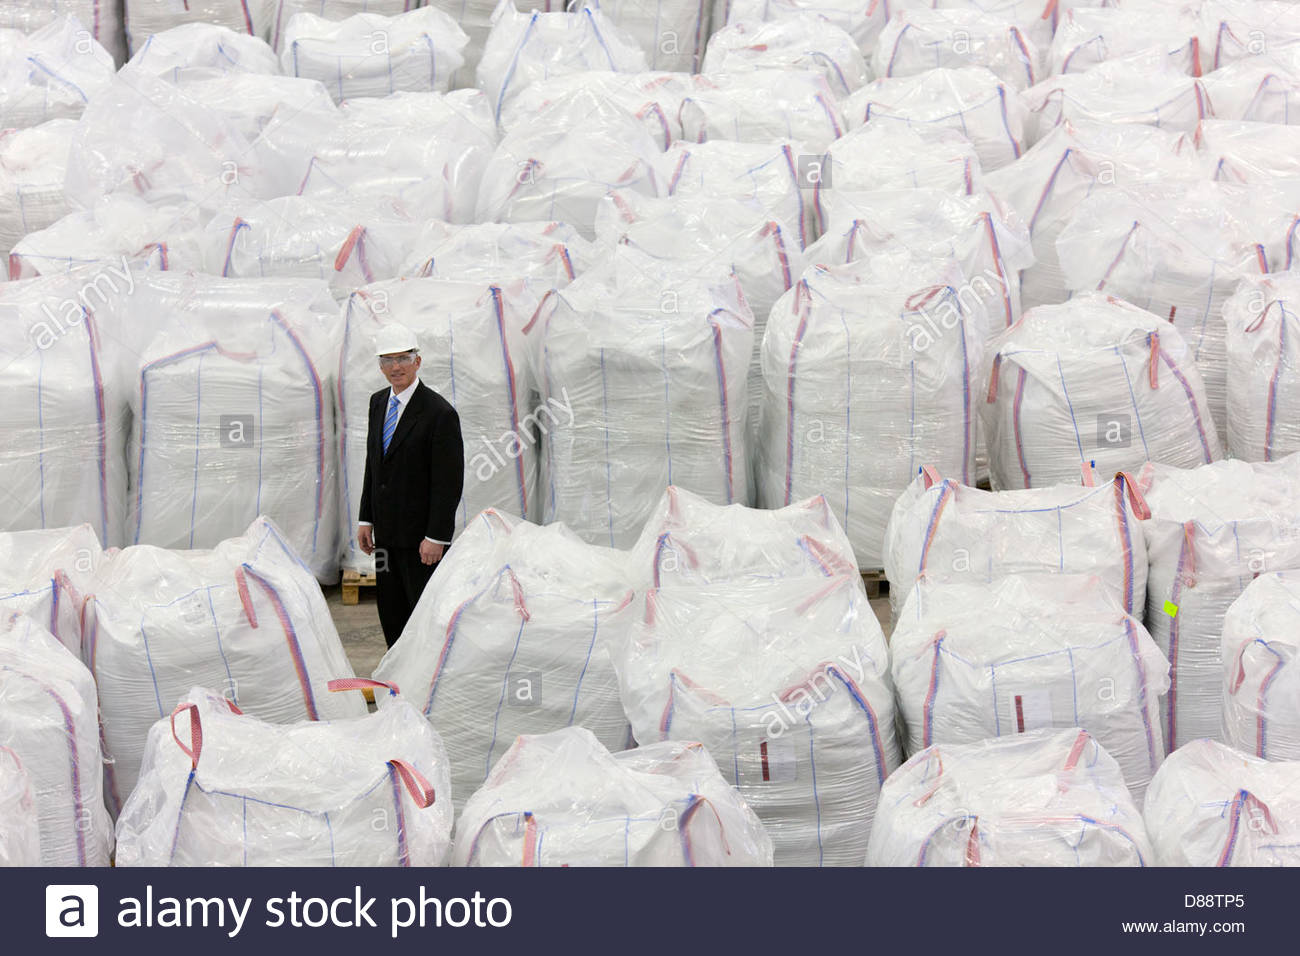 Porträt des Kaufmanns stehen unter großen Taschen von recyceltem Kunststoff-Pellets im Lager Stockfoto